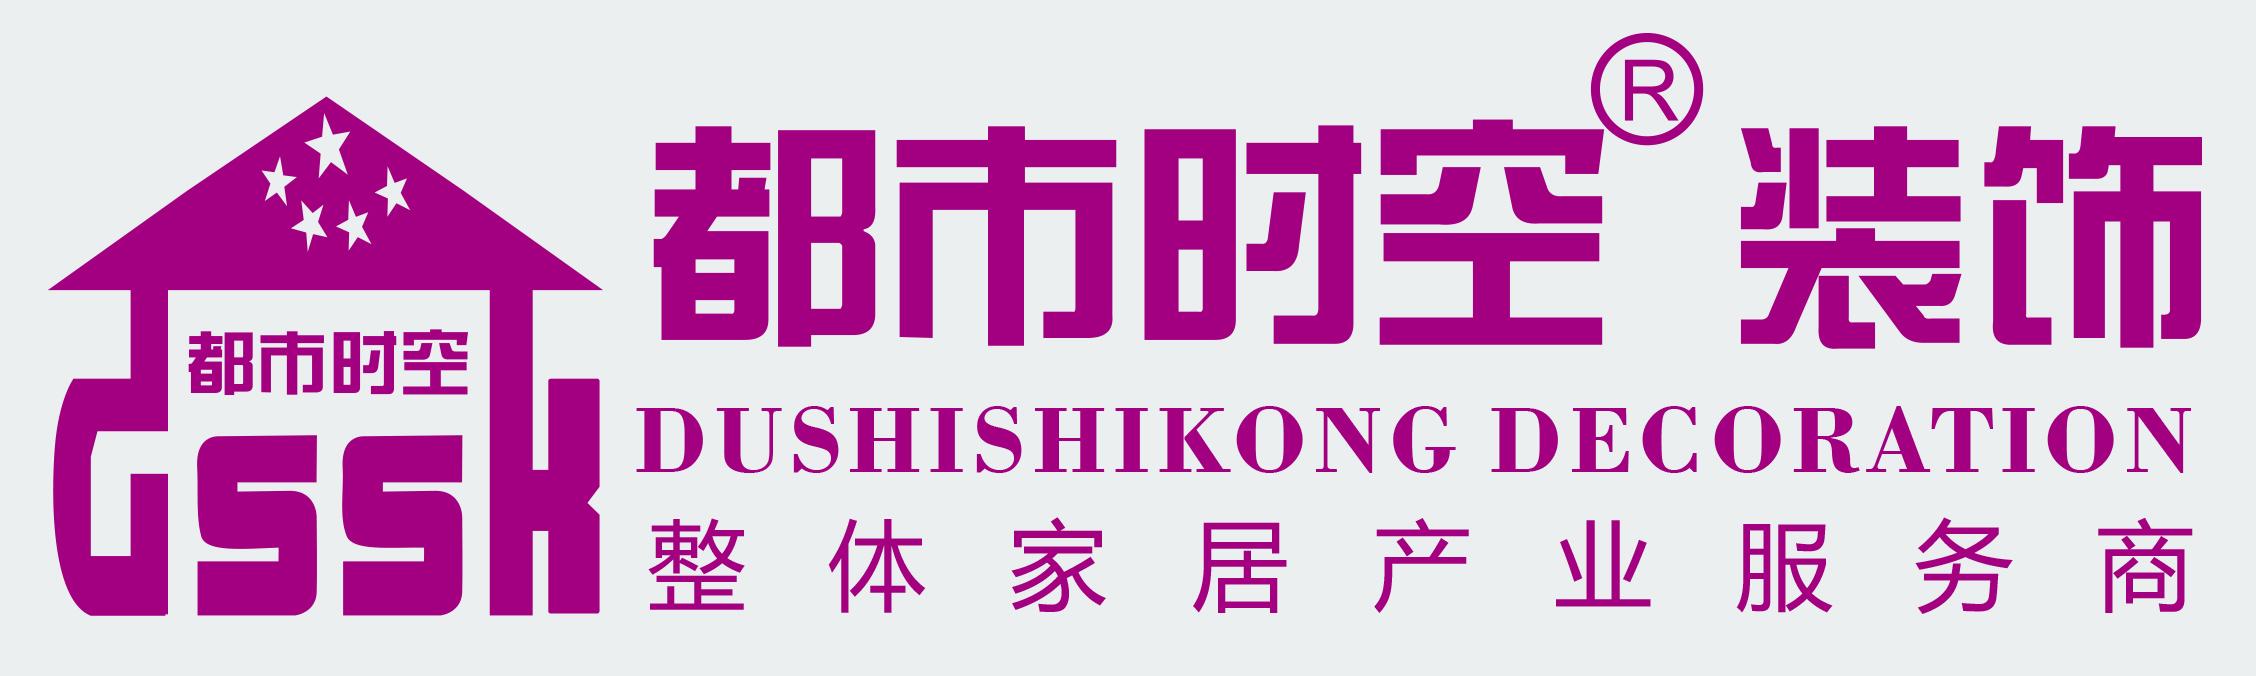 武汉都市时空美?#26131;?#39280;工程有限公司logo